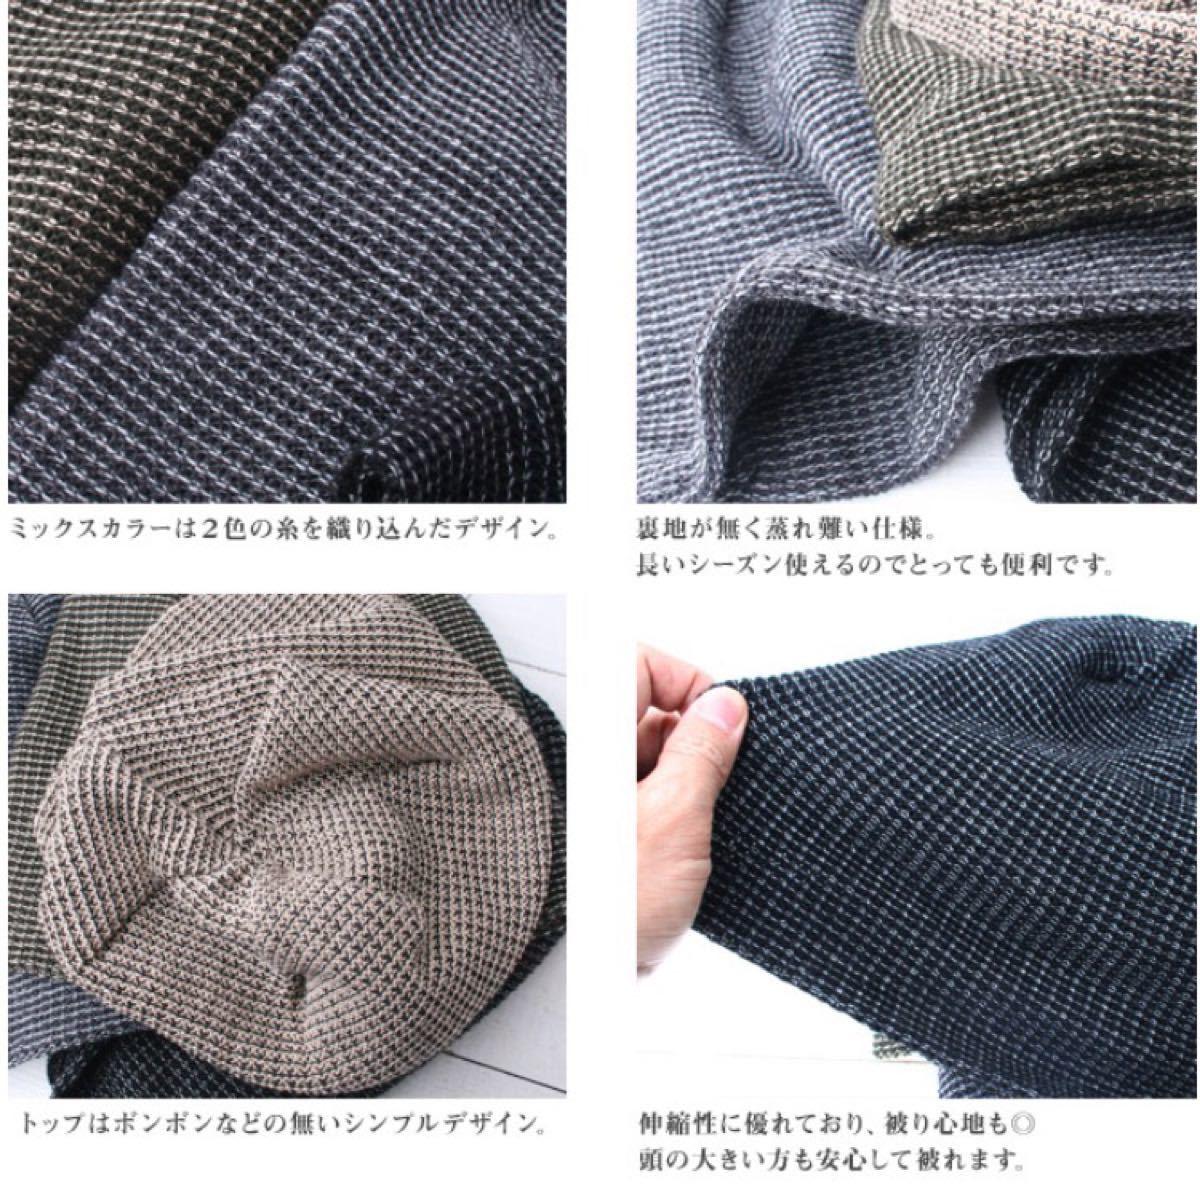 【ベージュ】コットンアクリルメッシュワッチサマーニット帽子キャップ